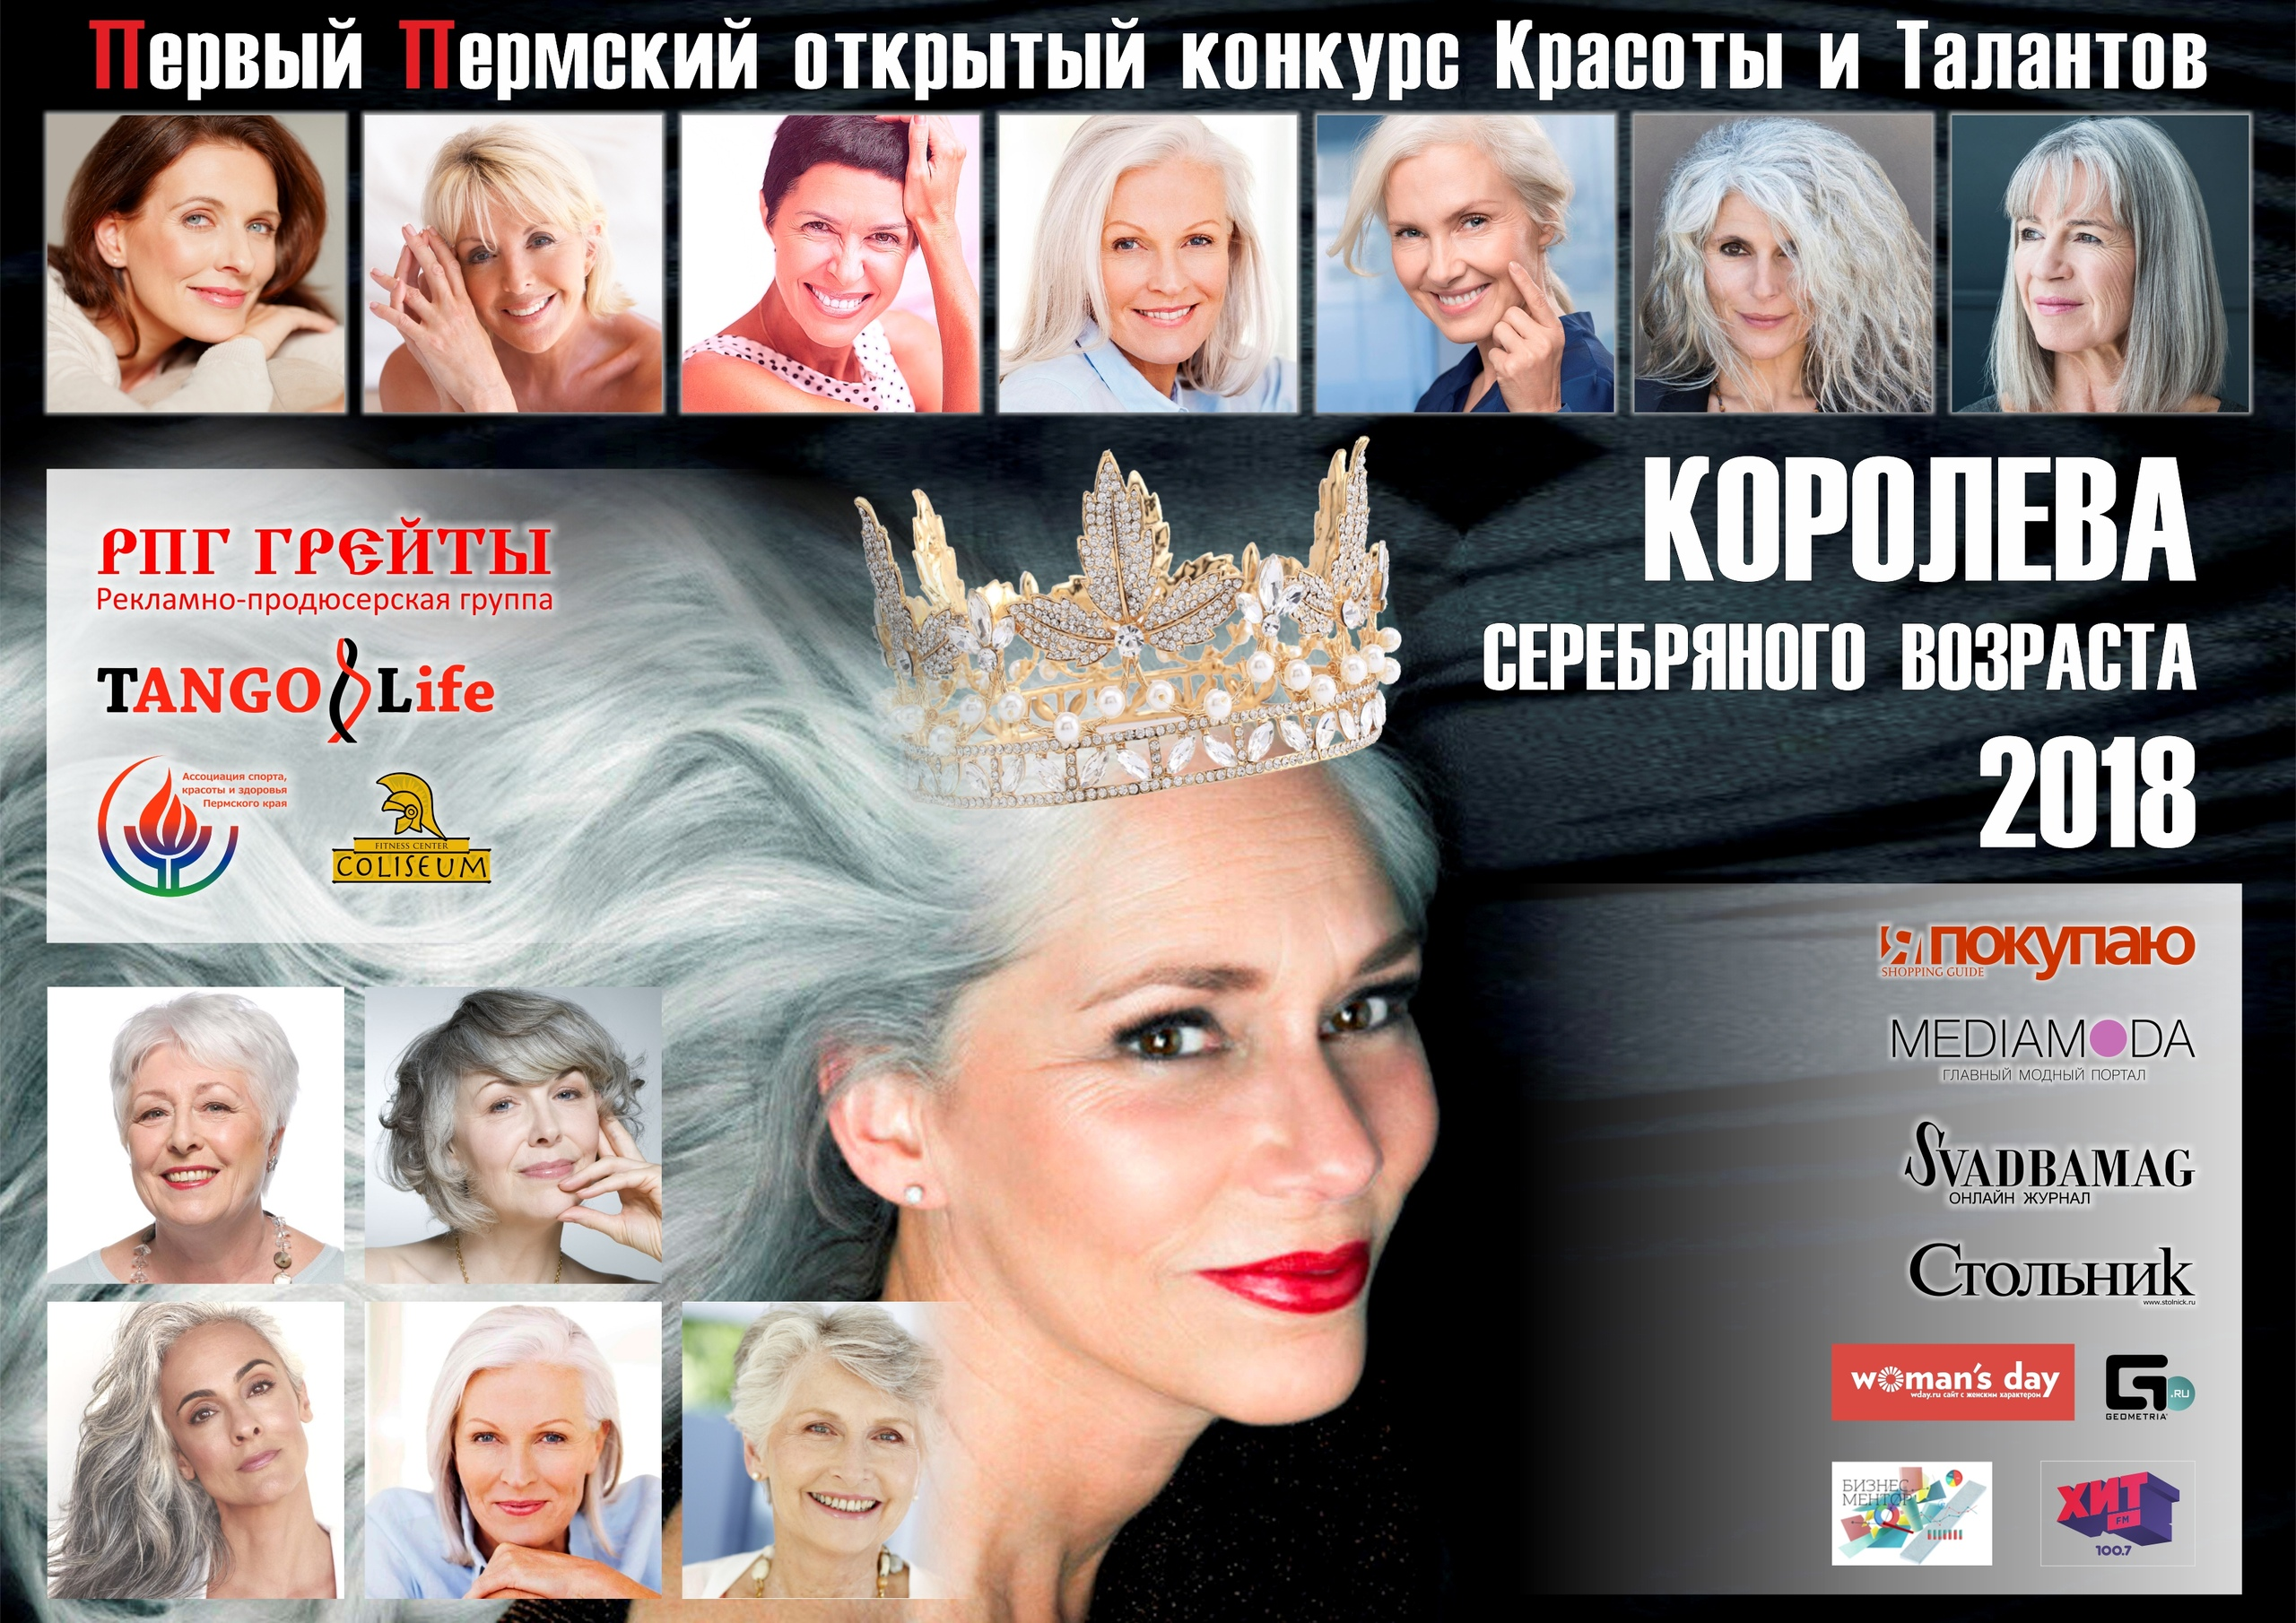 После 50 - на конкурс красоты: в России выберут «Королеву серебряного возраста»